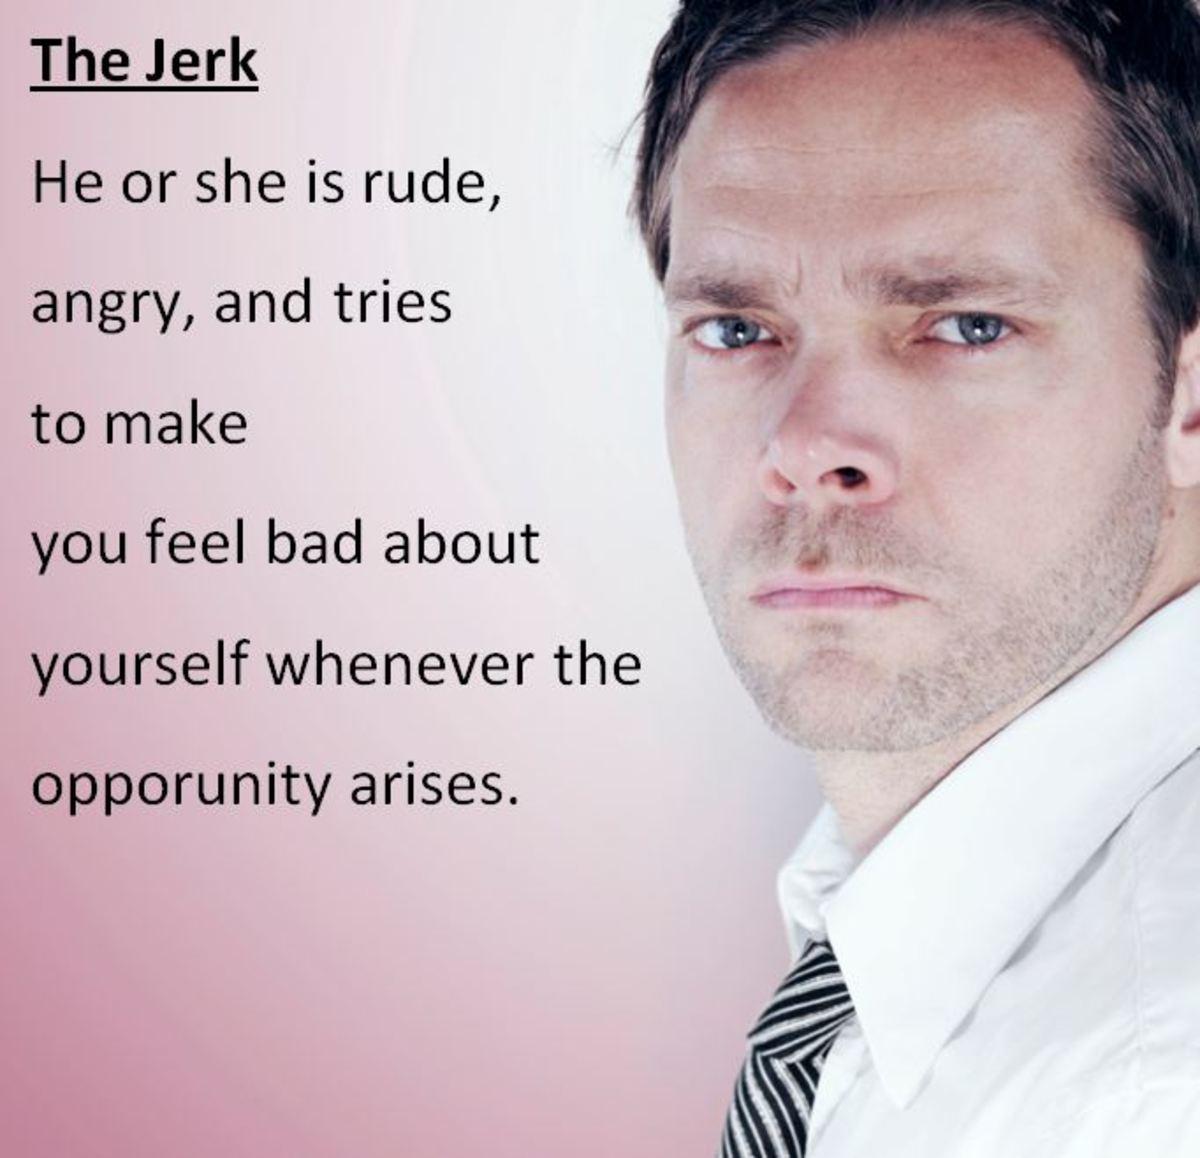 The Jerk Co-Worker